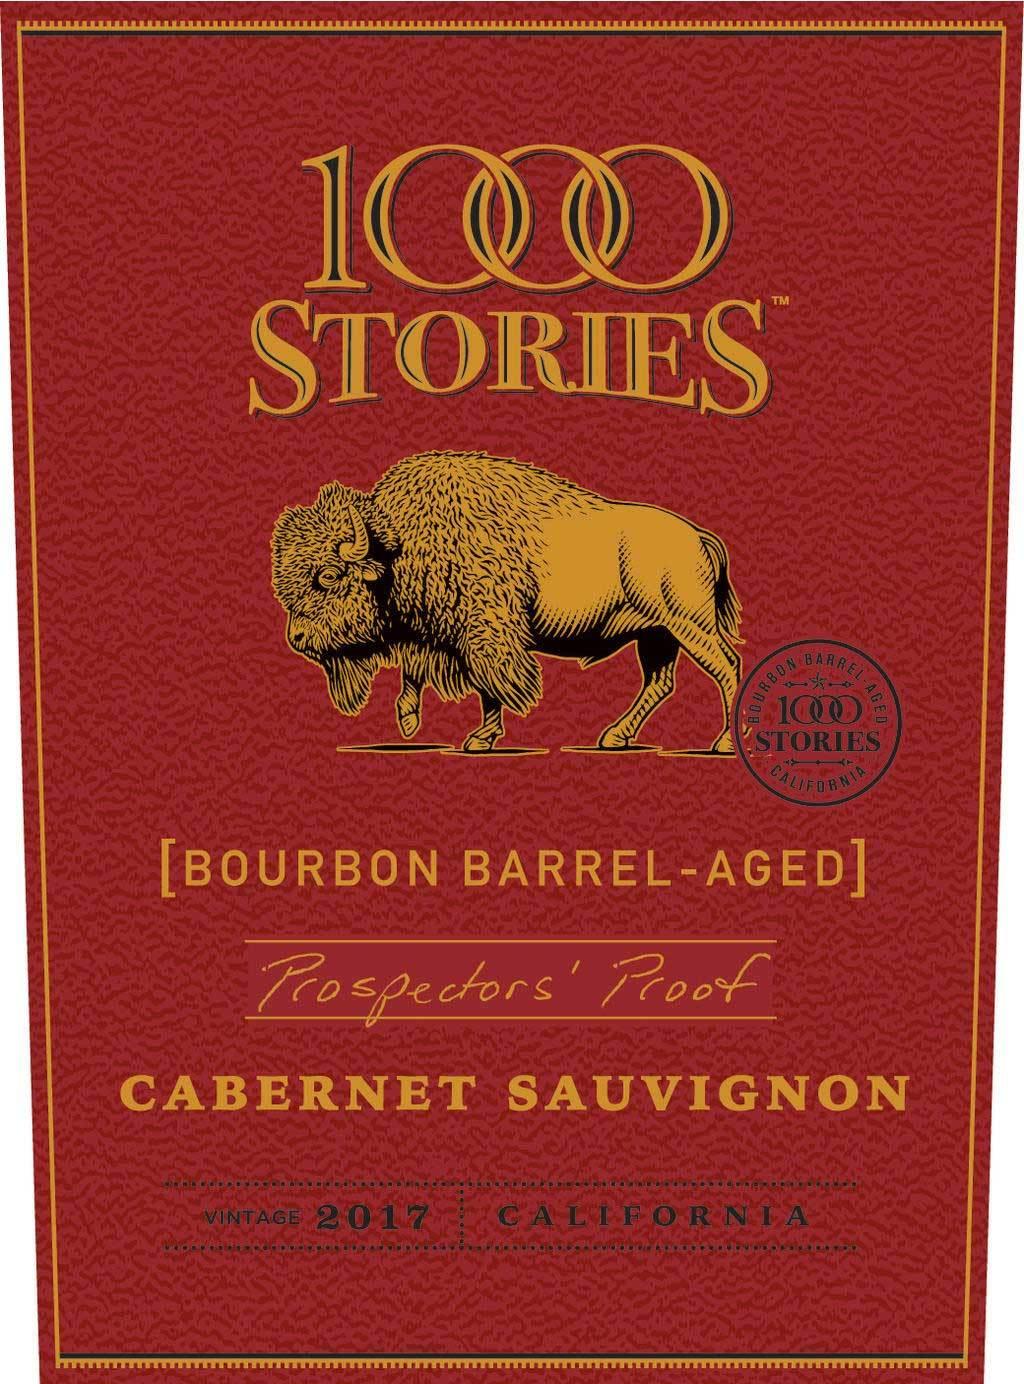 1000 Stories Prospector